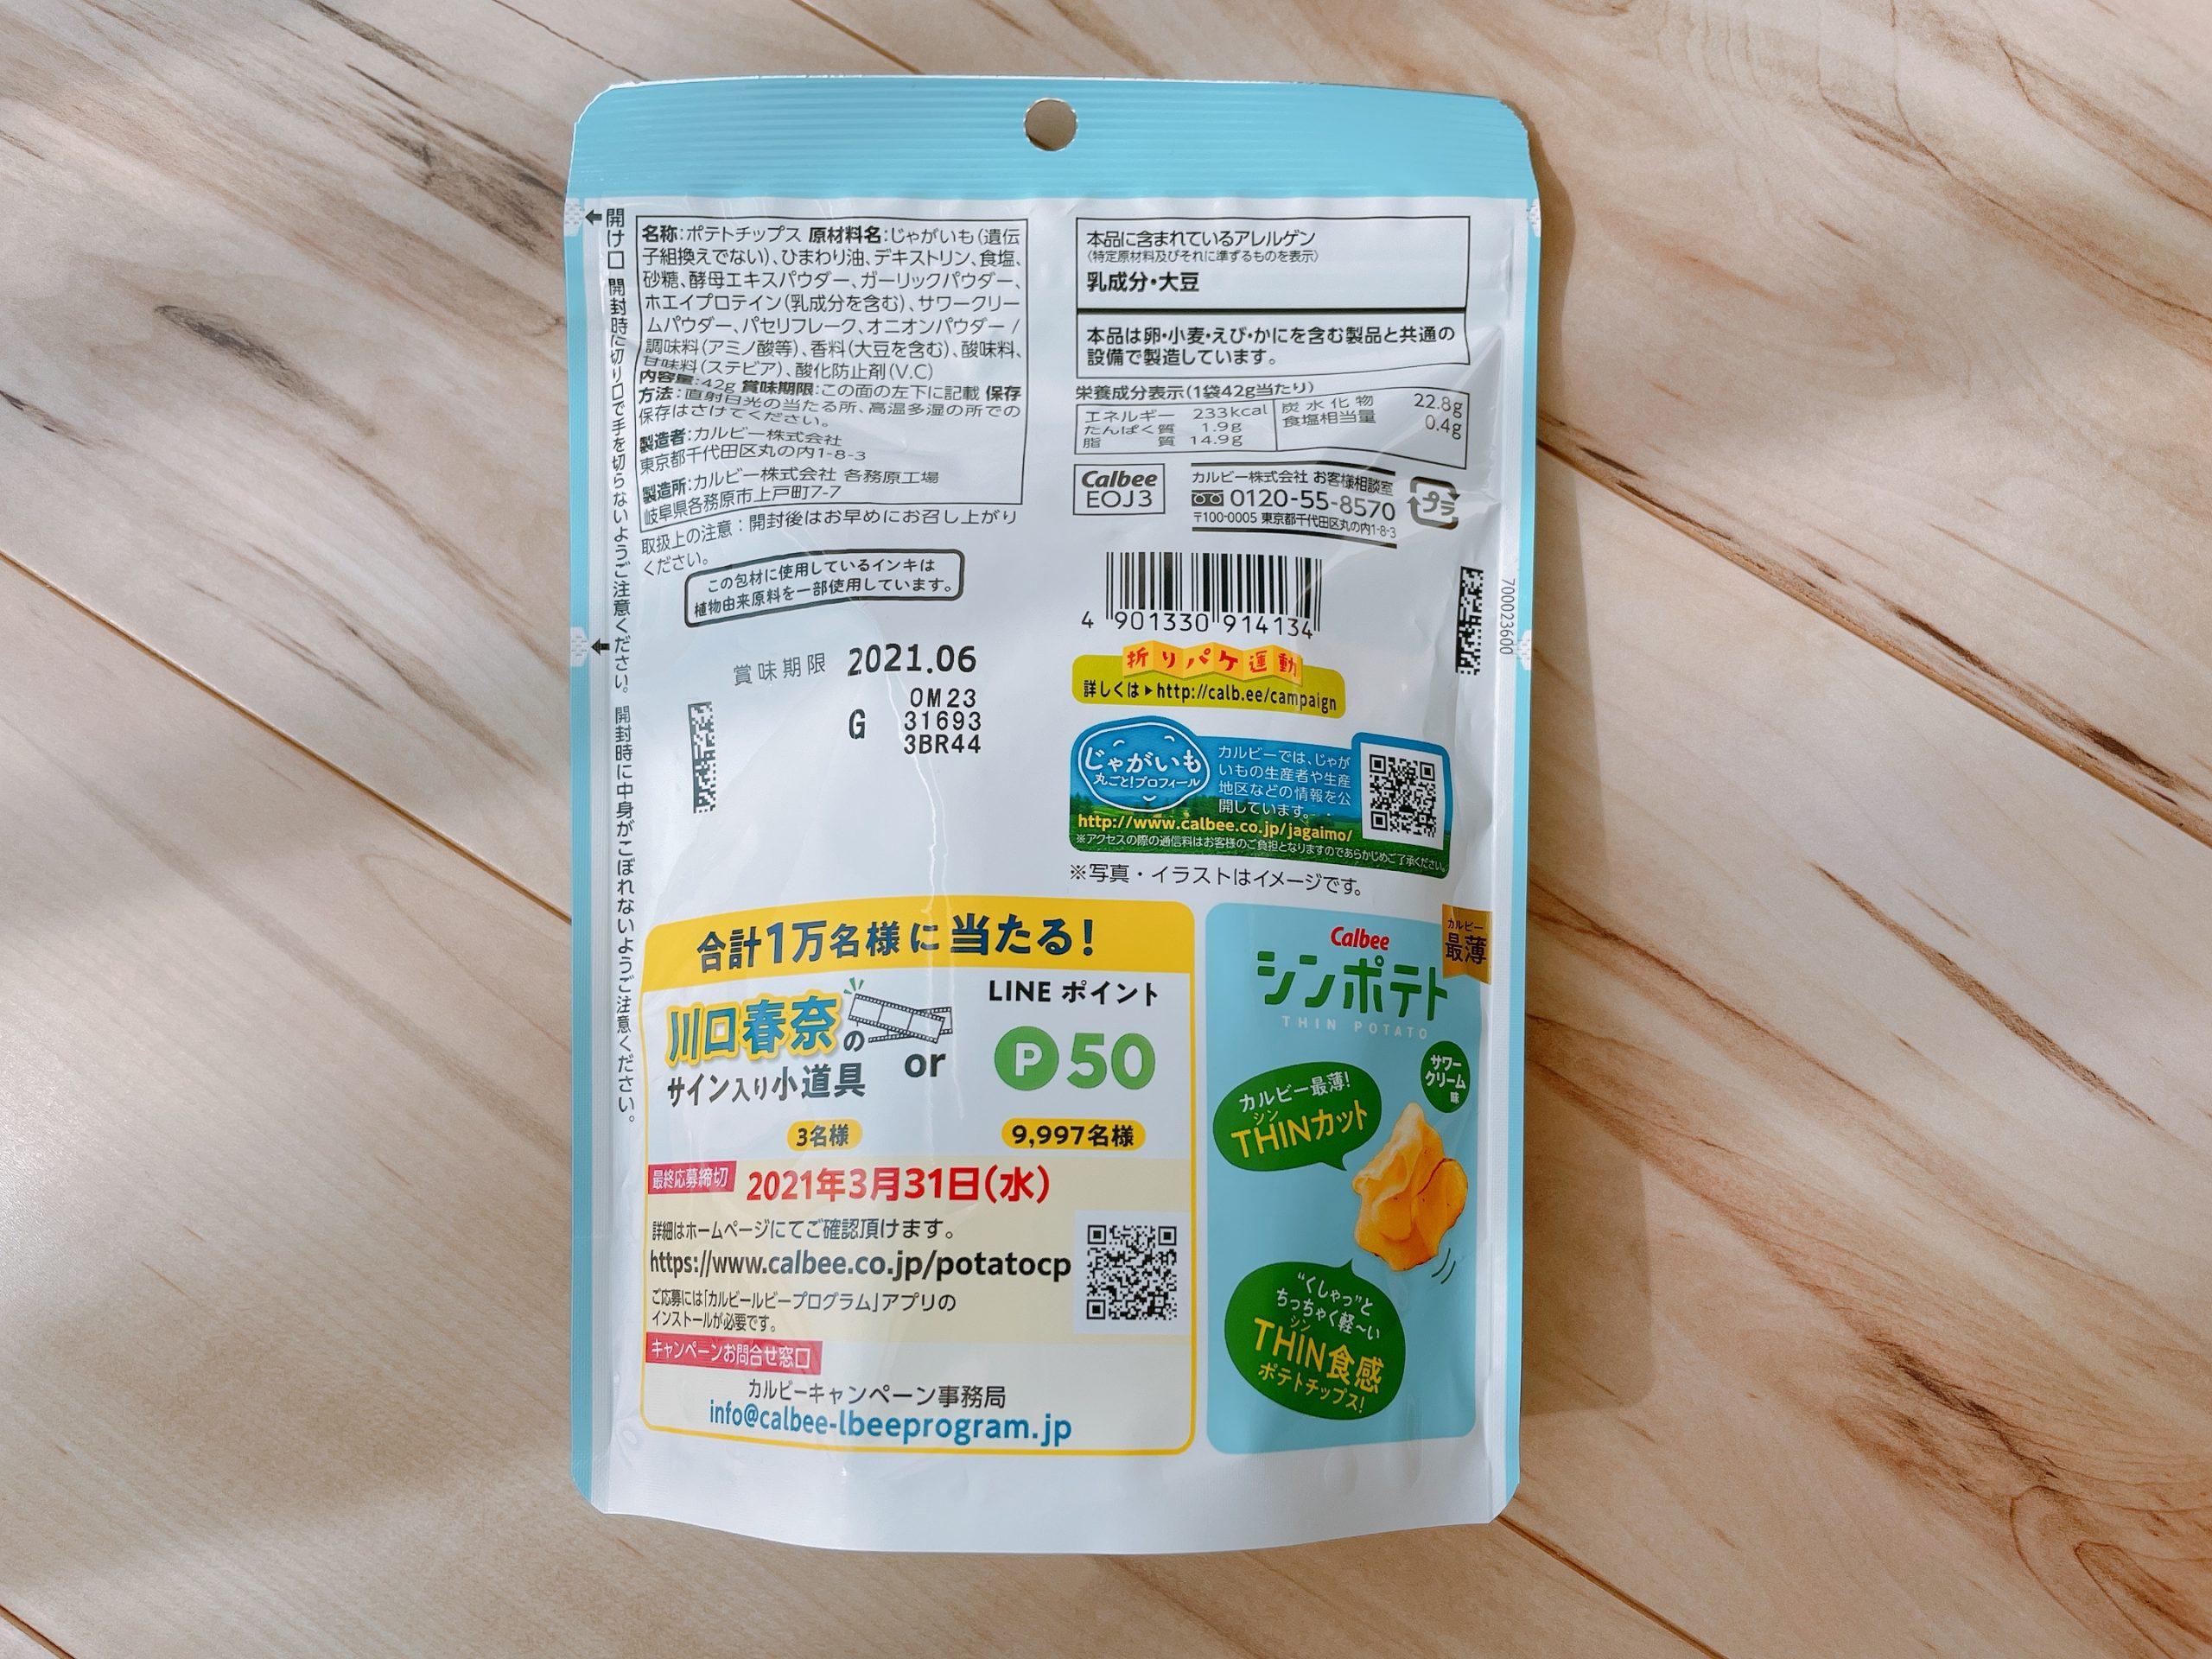 シンポテトのサワークリーム味、原材料やカロリーなど